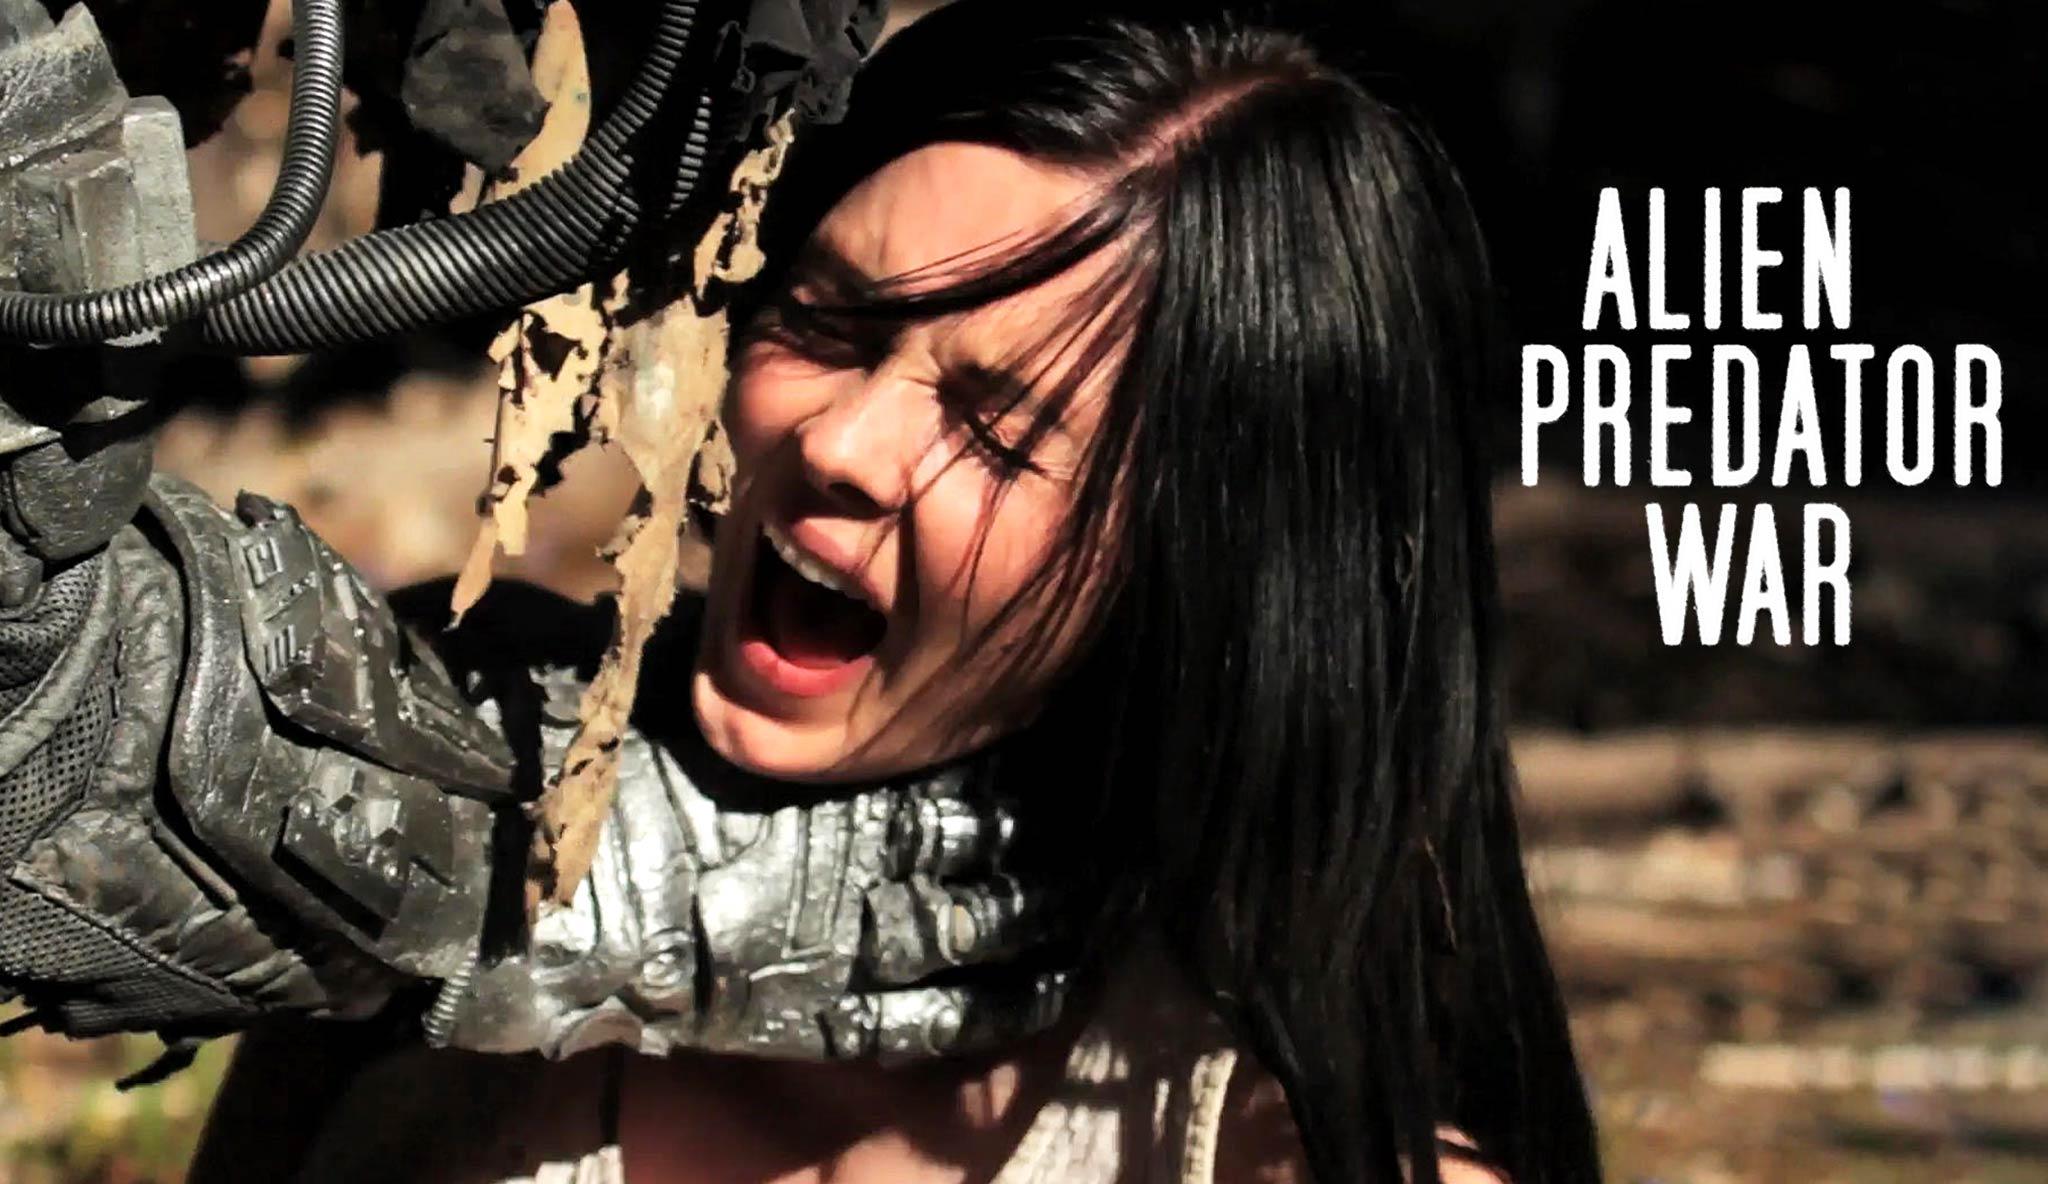 alien-predator-war\header.jpg